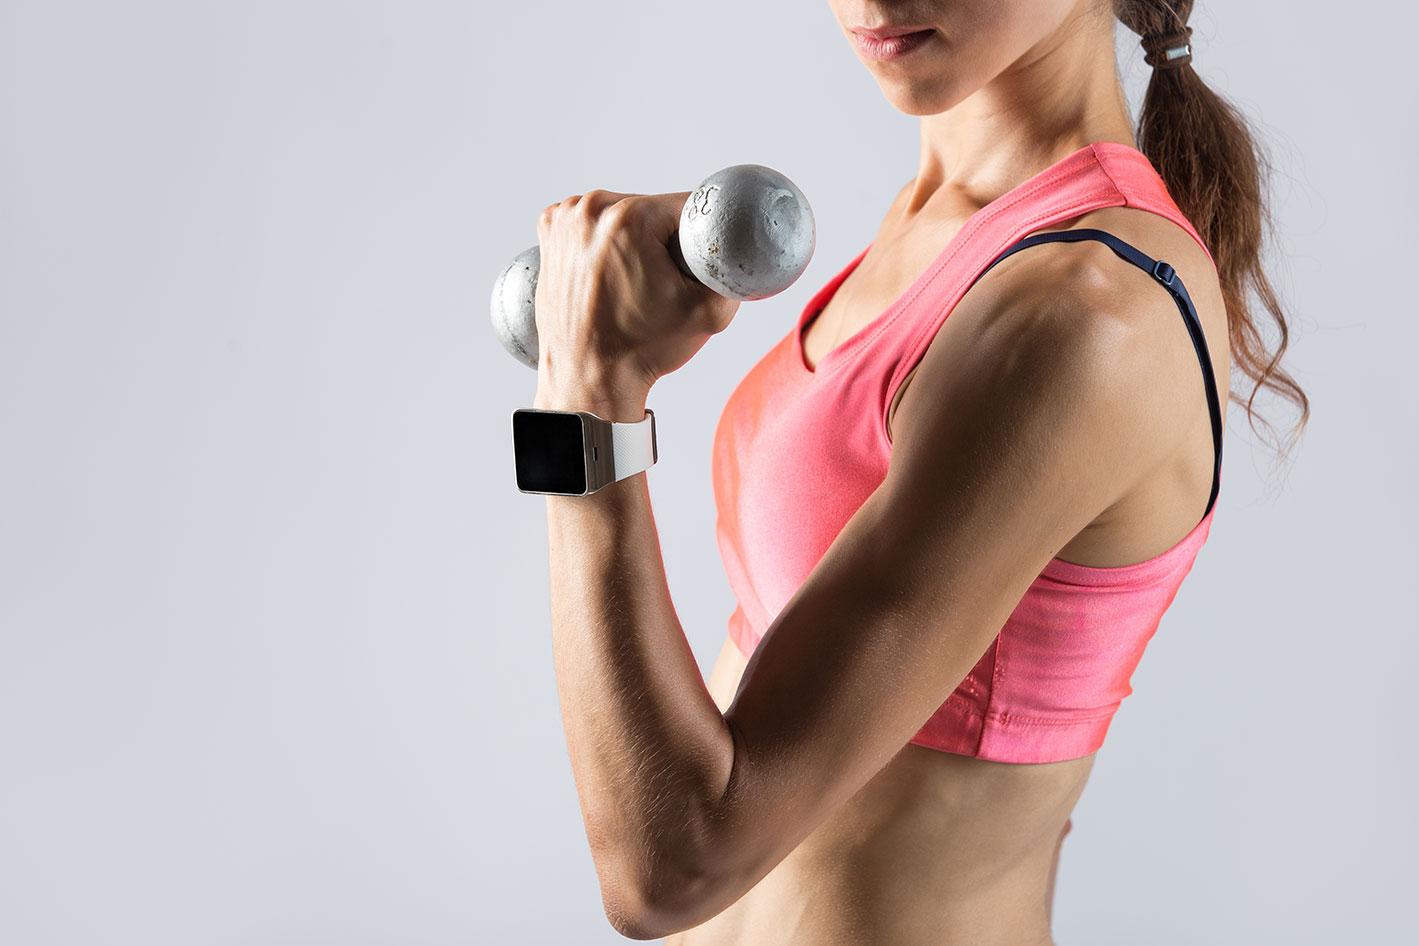 Упражнения для укрепления локтевого сустава гантели как делается рентген тазобедренных суставов